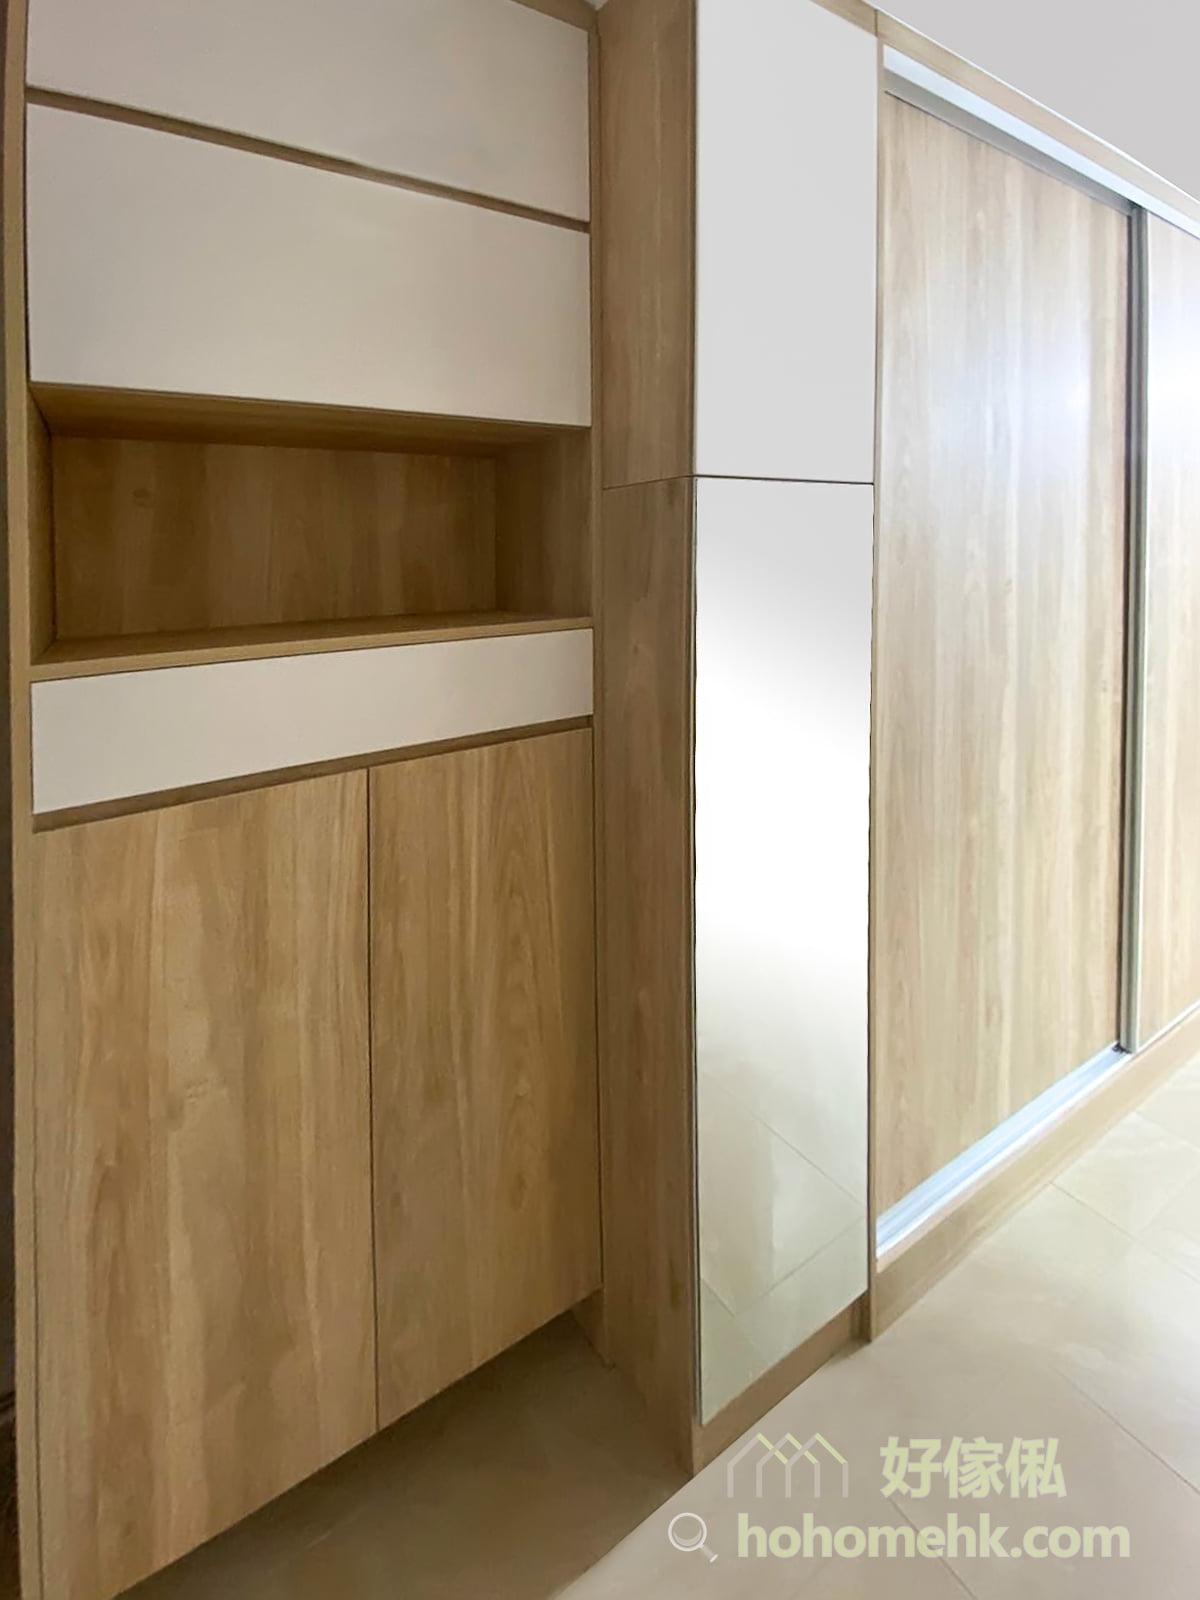 客廳玄關櫃/鞋櫃/衣櫃/儲物櫃/電視櫃/書枱/書櫃, 由入門位置的玄關櫃,沿路走入客廳的是一整列的鞋櫃及衣櫃,再到電視櫃,是按照動線及生活習慣的最好的設計